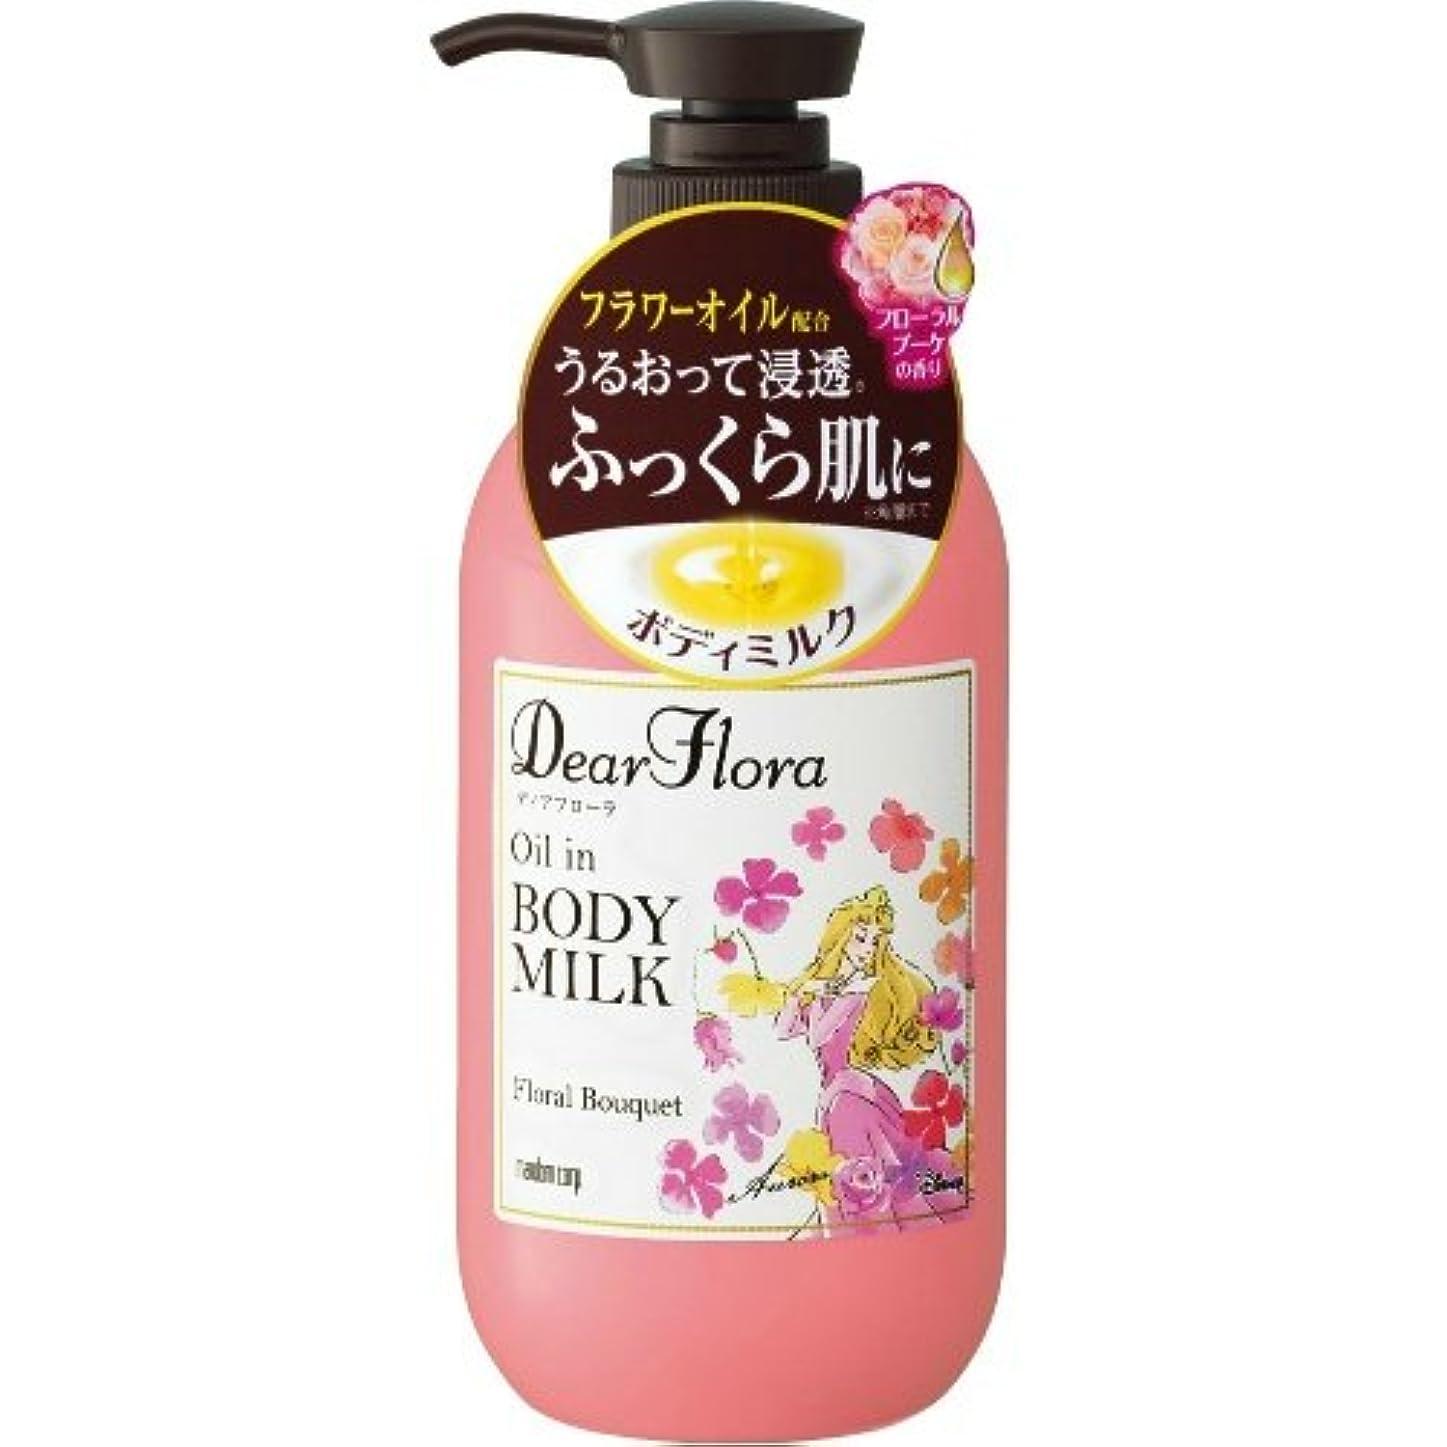 MANDOM マンダム ディアフローラ オイルインボディミルク フローラルブーケの香り 240ml ×10点セット(4902806105414)